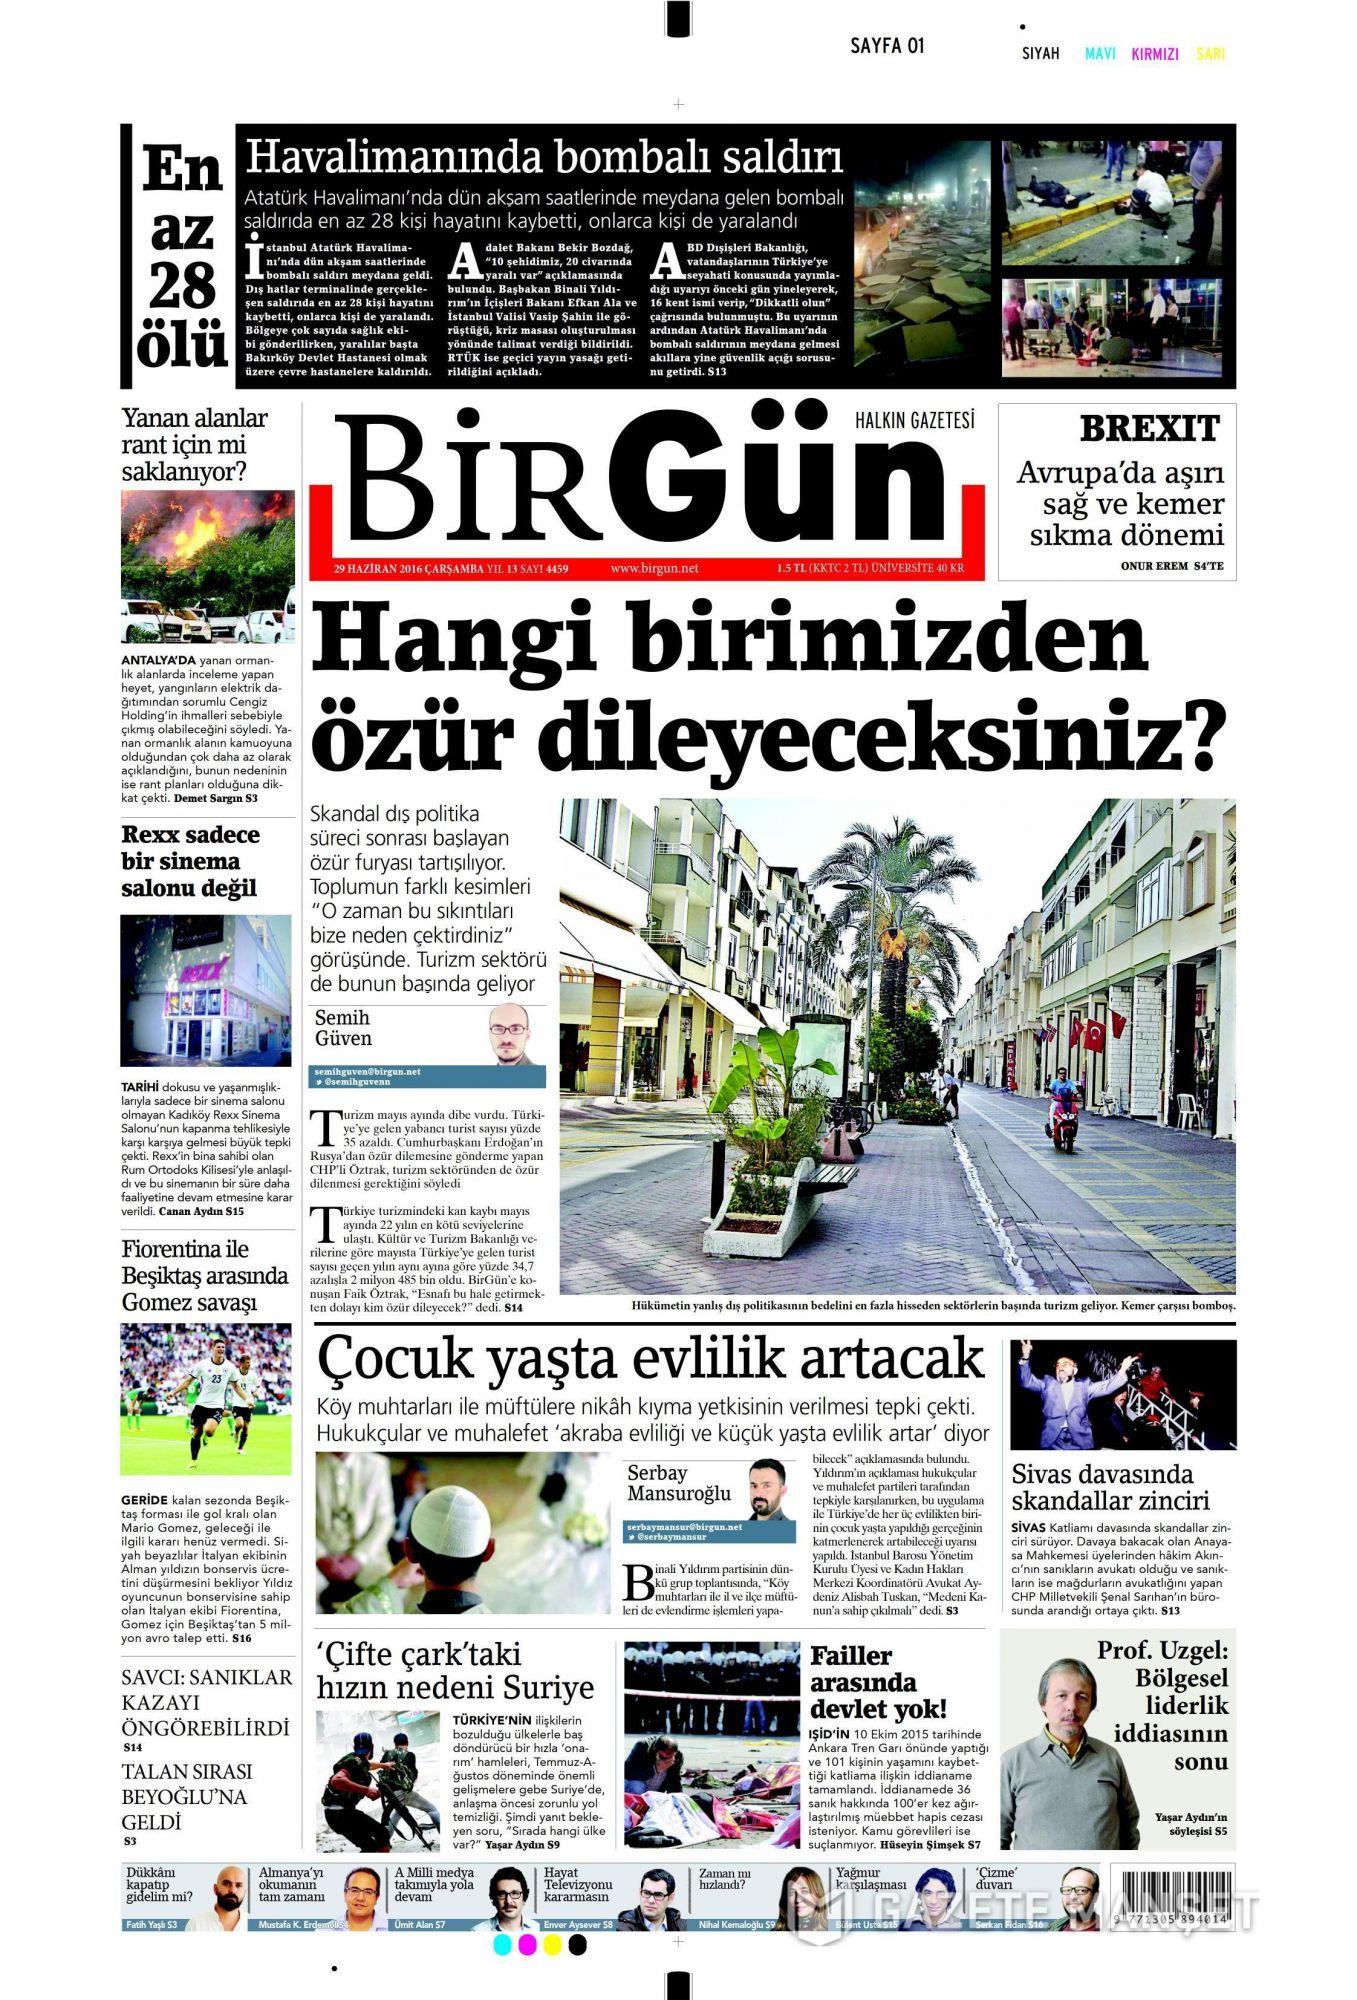 İşte Atatürk Havalimanı saldırısıyla ilgili tüm haberler 12